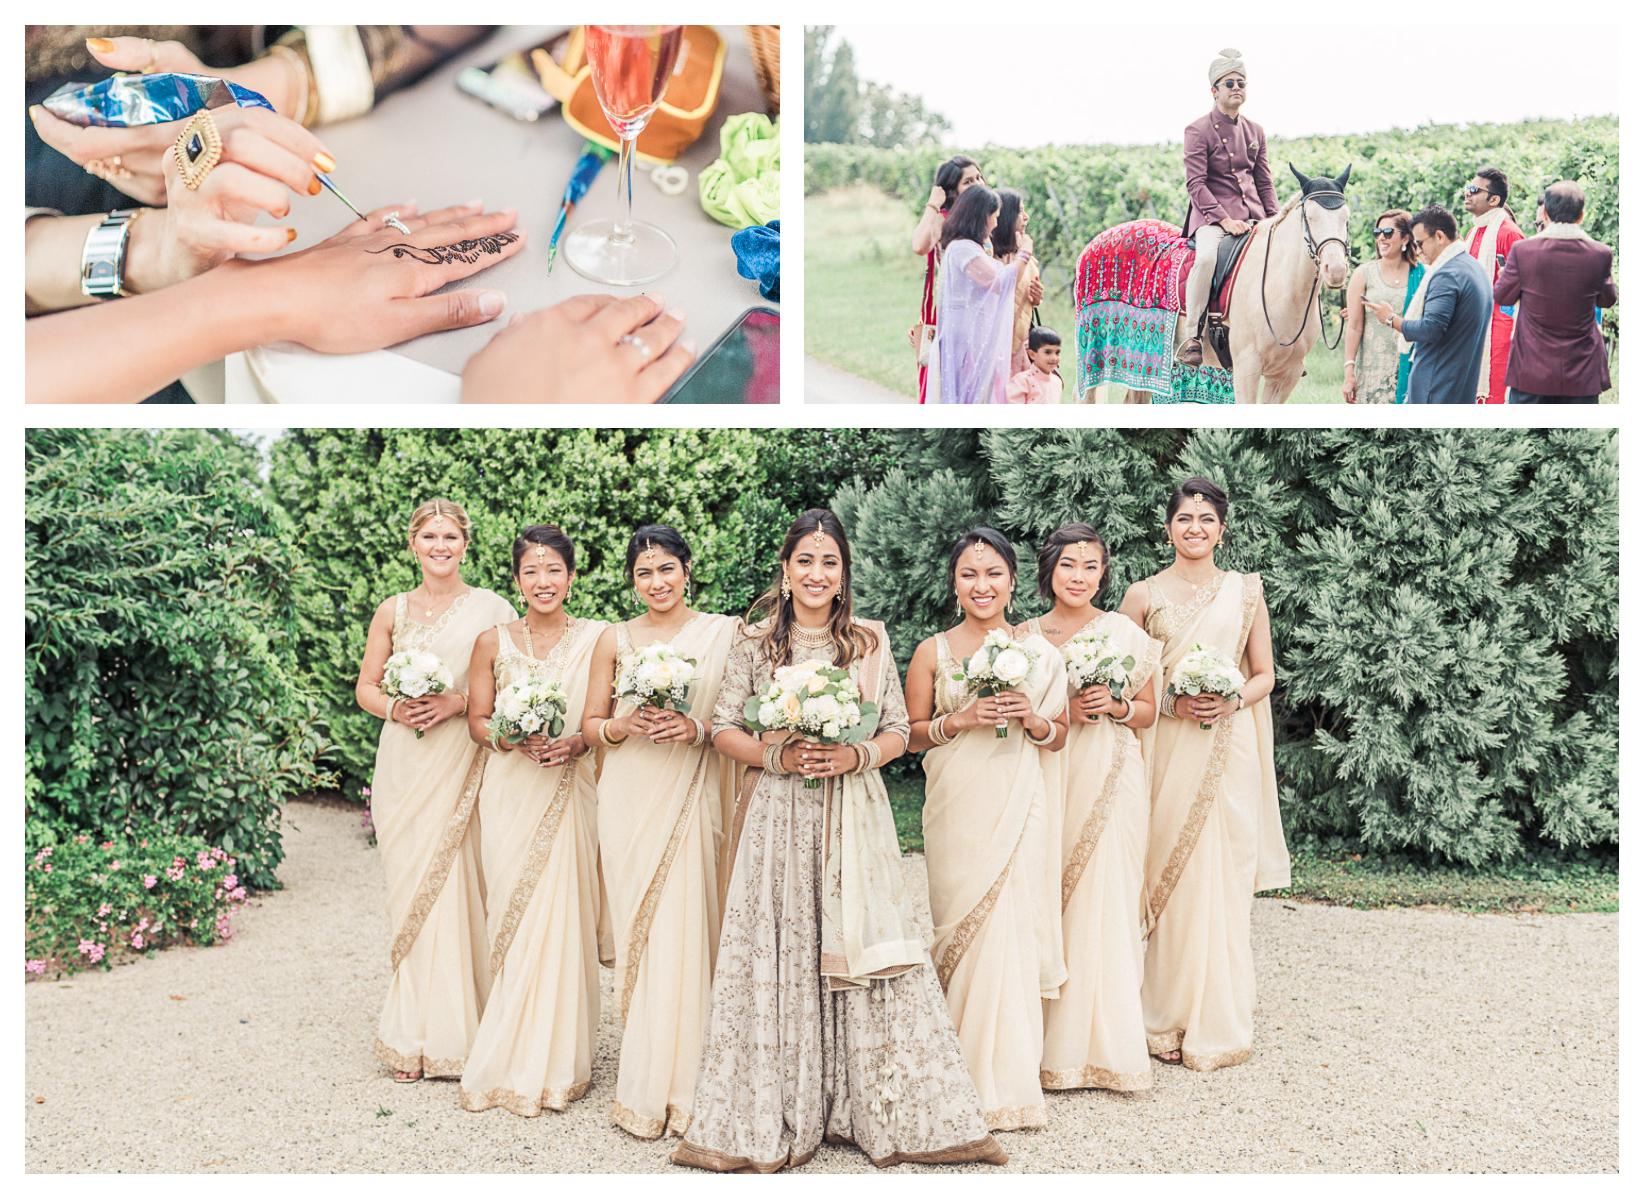 portes des iris indian wedding traditions - Différentes traditions de mariage dont nous avons été témoin aux Portes des Iris